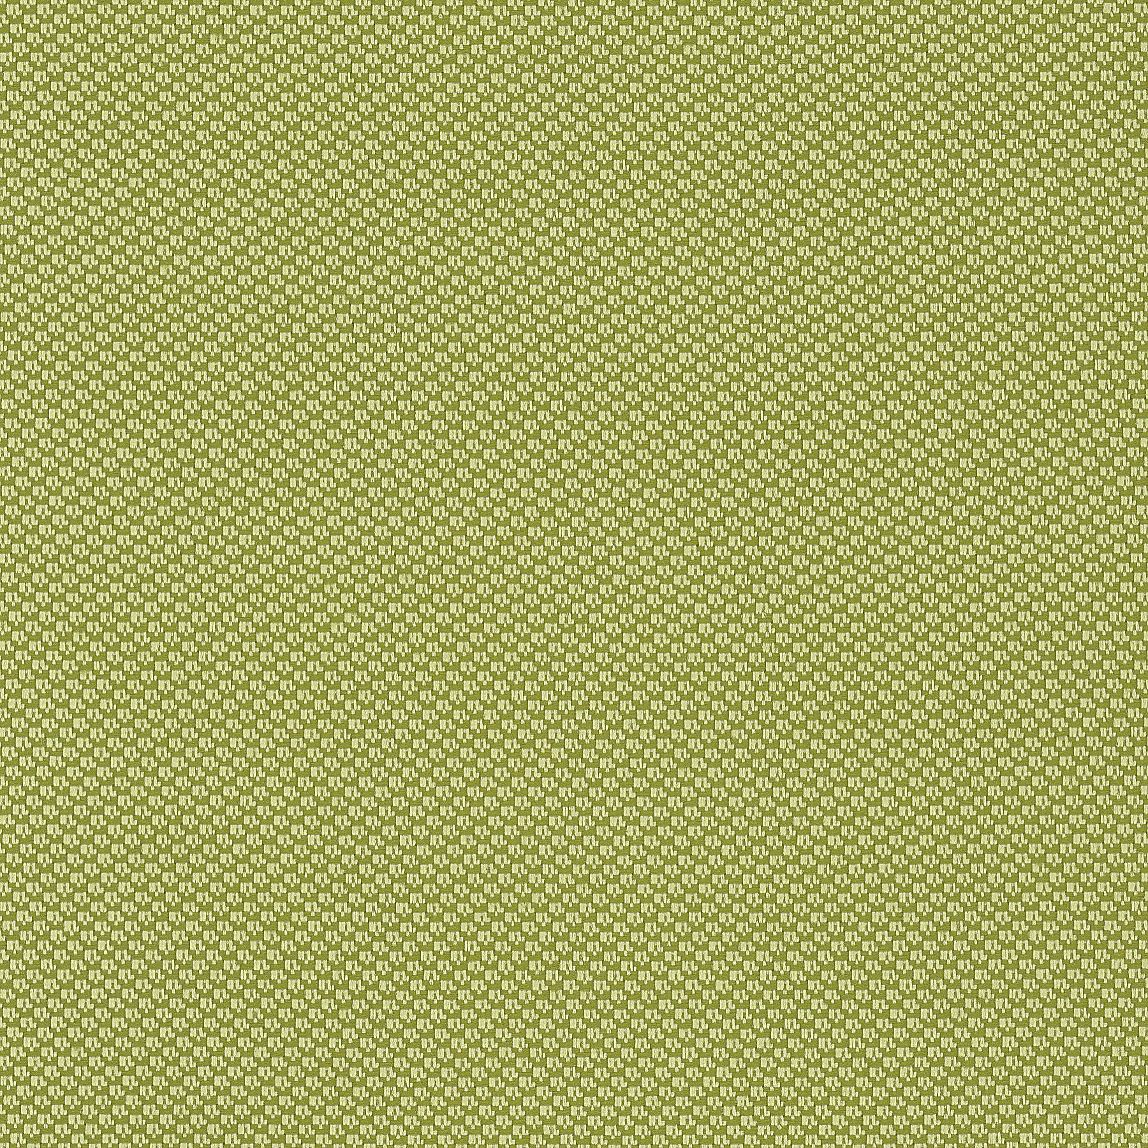 Inertia Lime Swatch